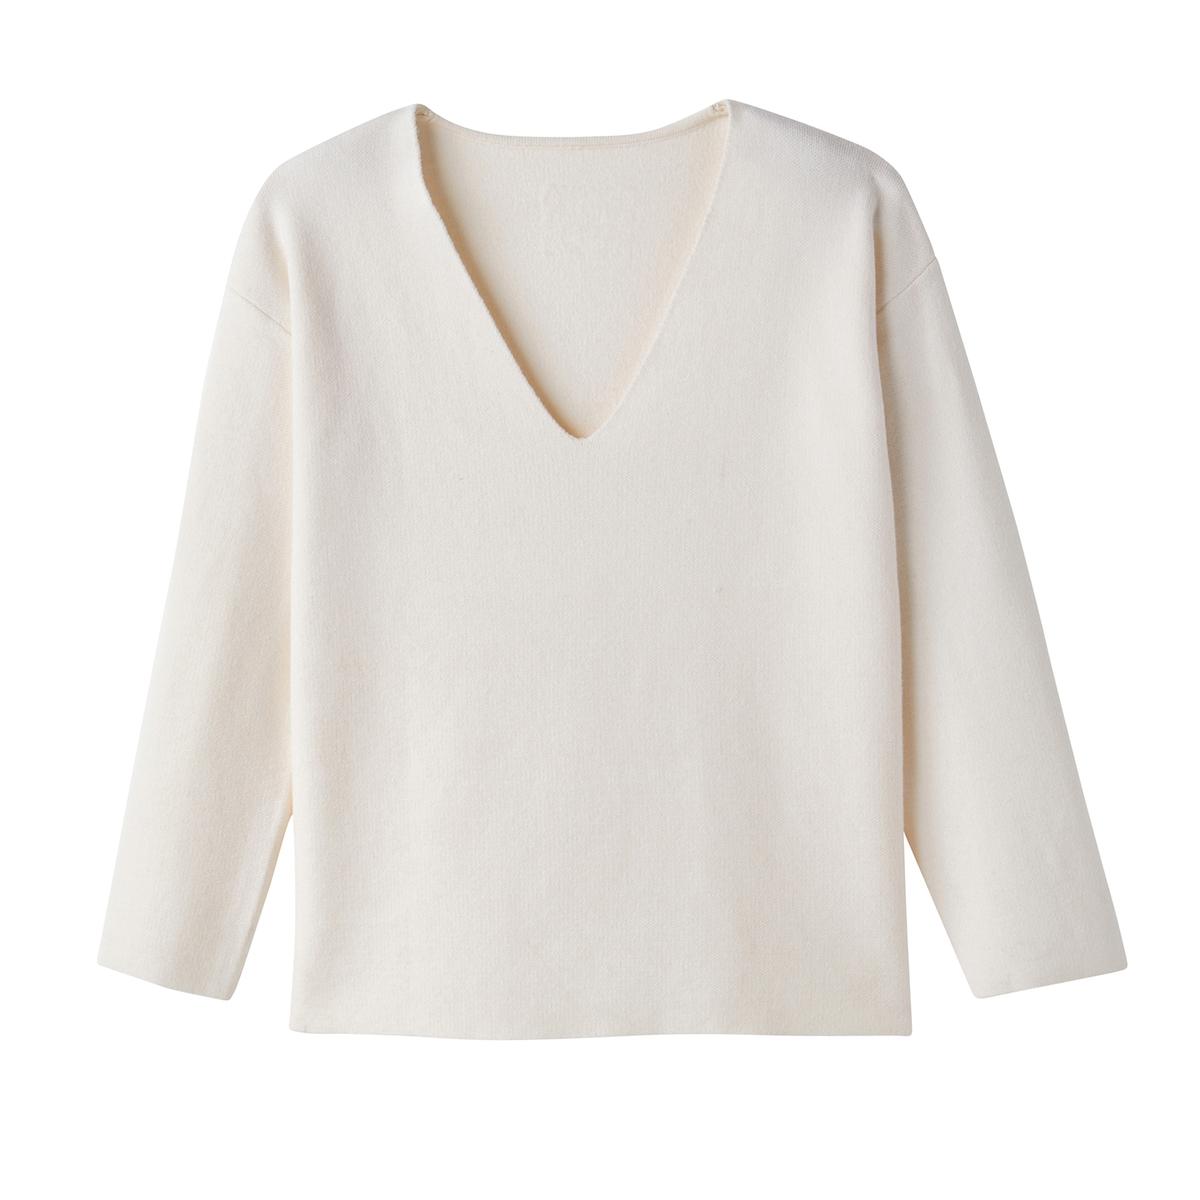 Пуловер из вискозы, с V-образным вырезом